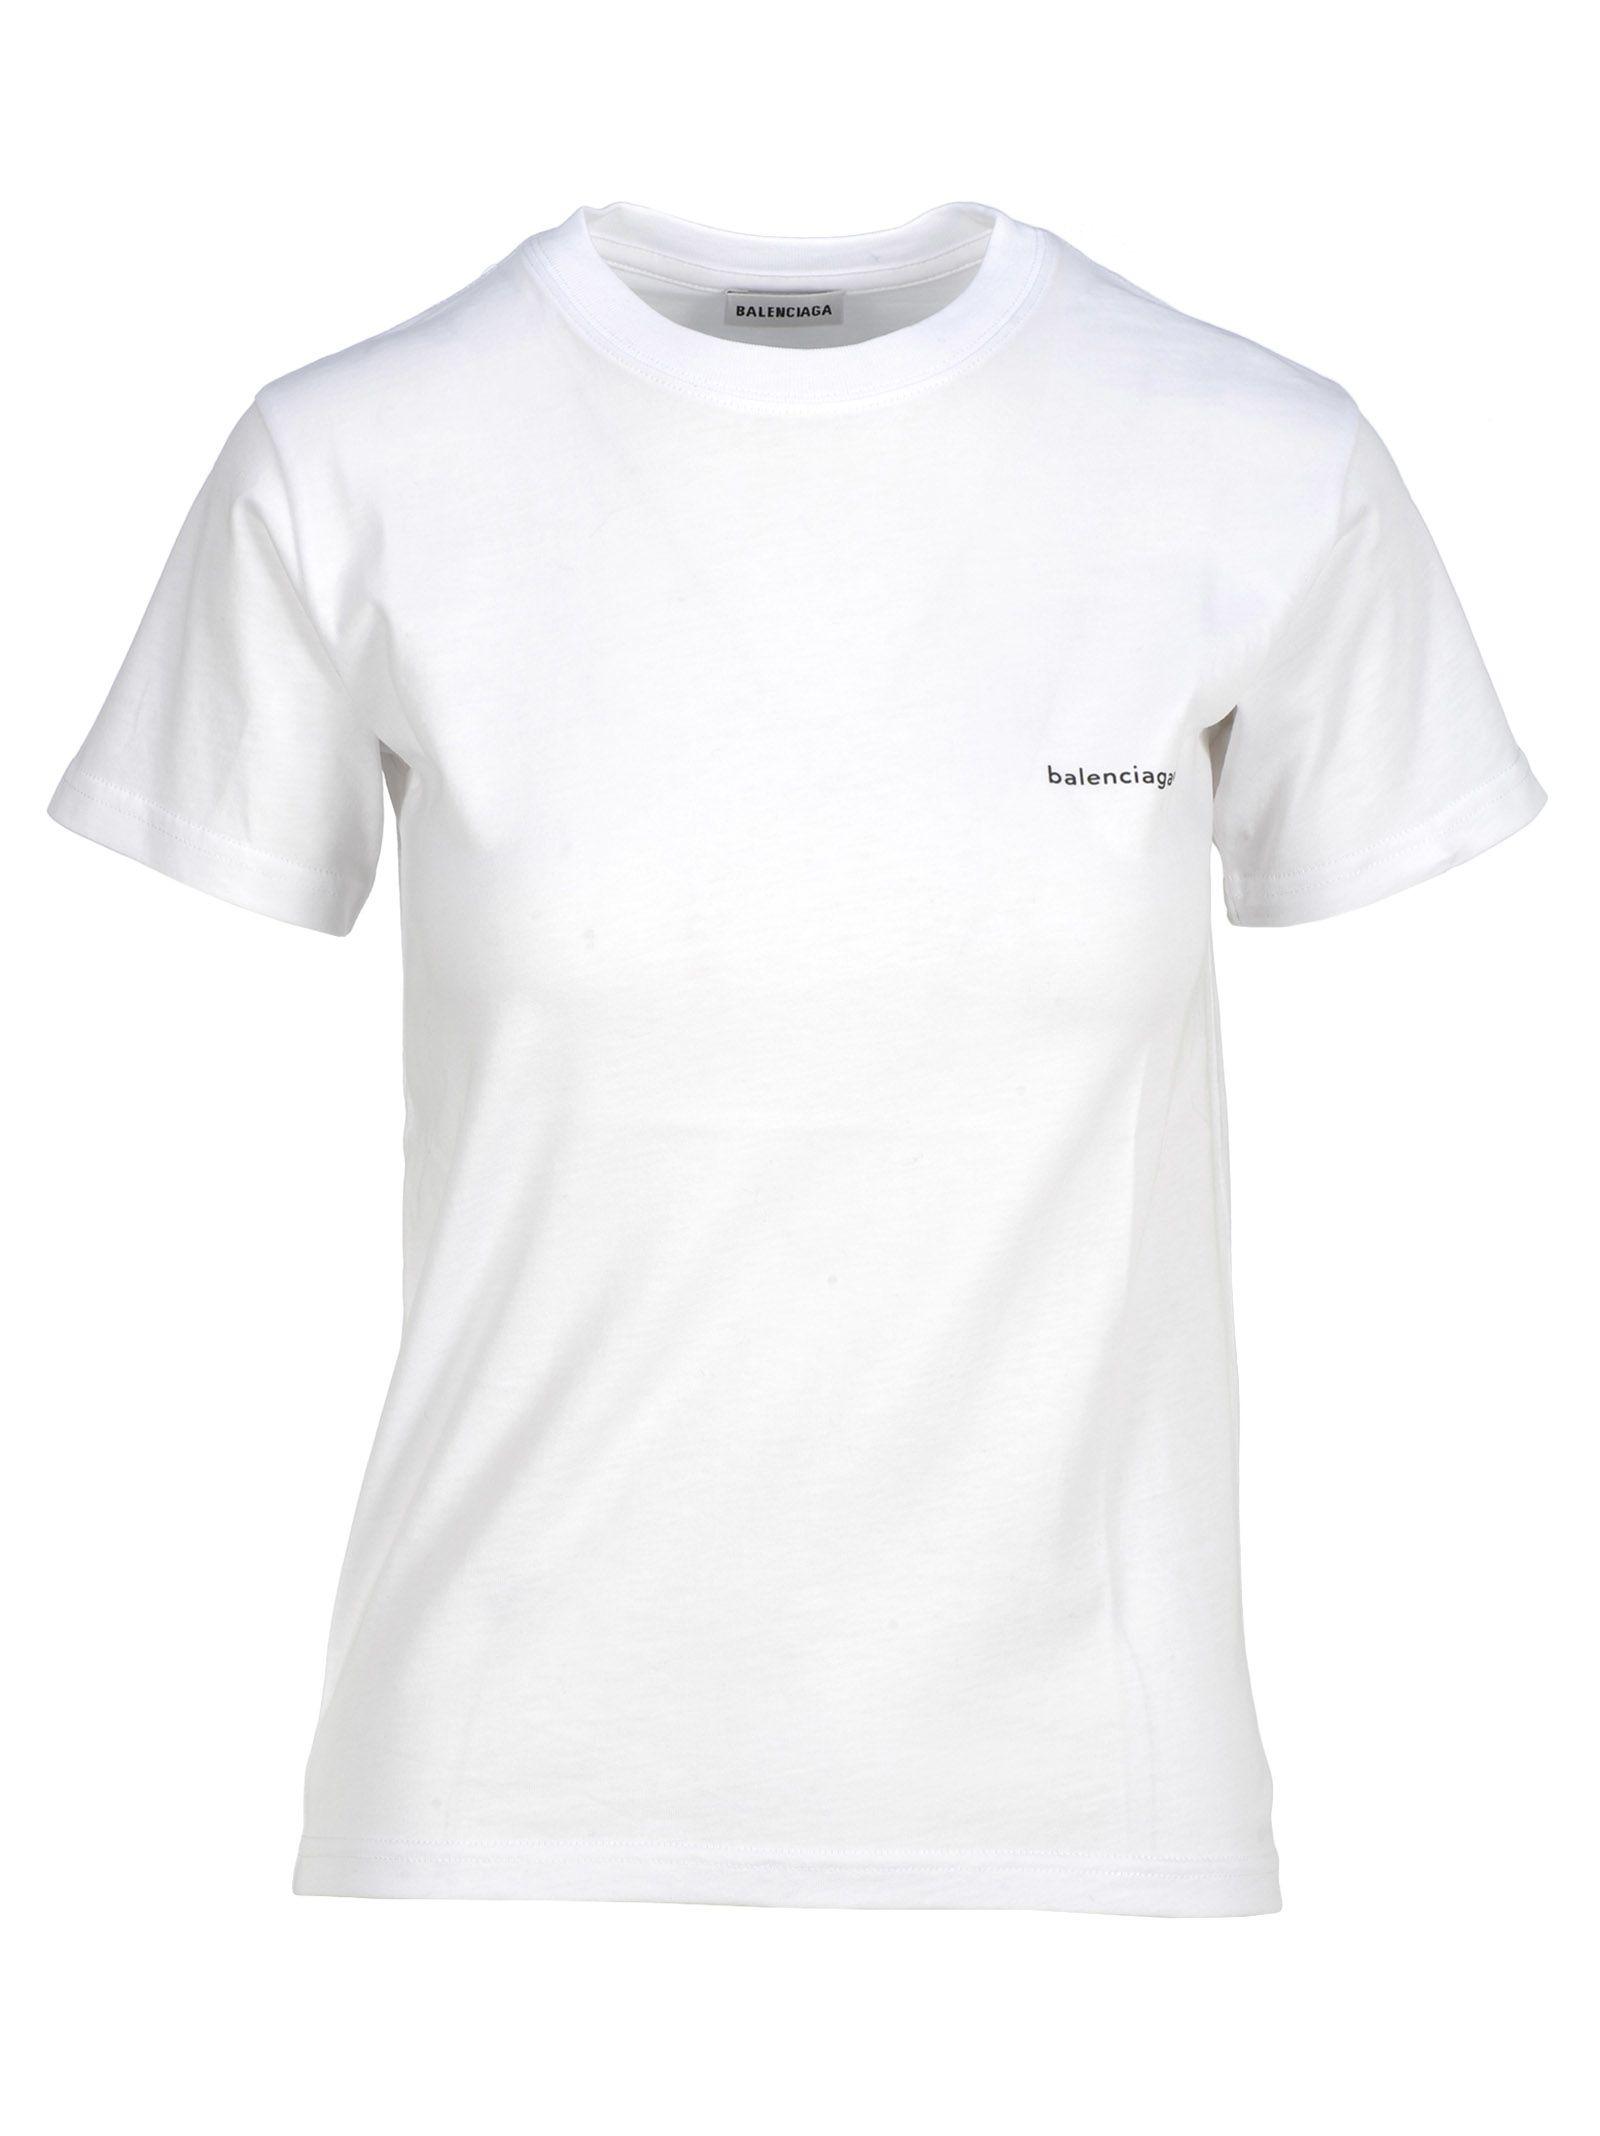 Balenciaga Tshirt Logo Small